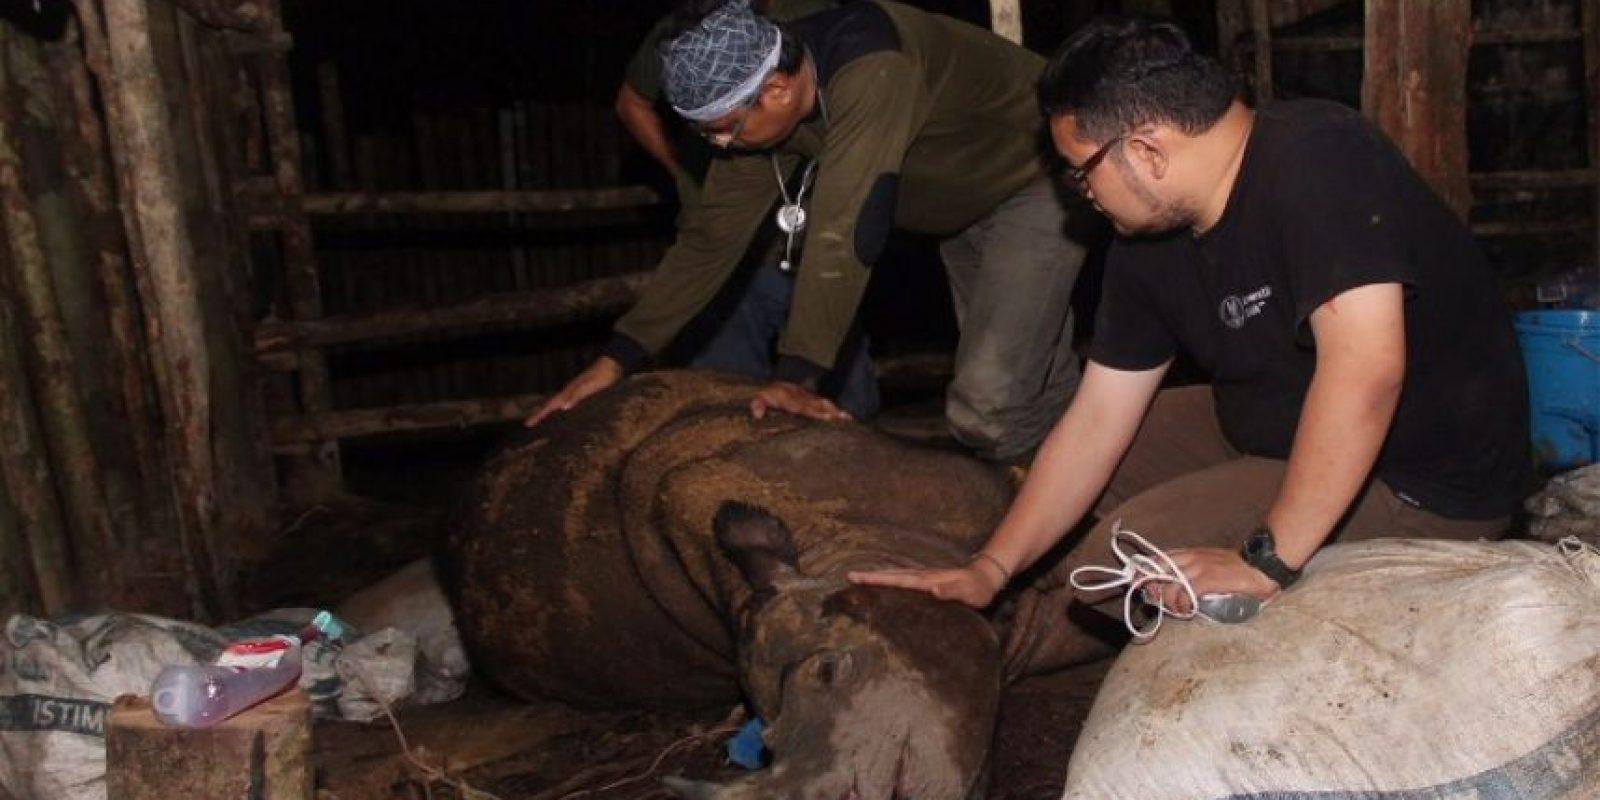 Aunque se intentó, no se le pudo salvar y murió ayer Foto:AFP. Imagen Por: